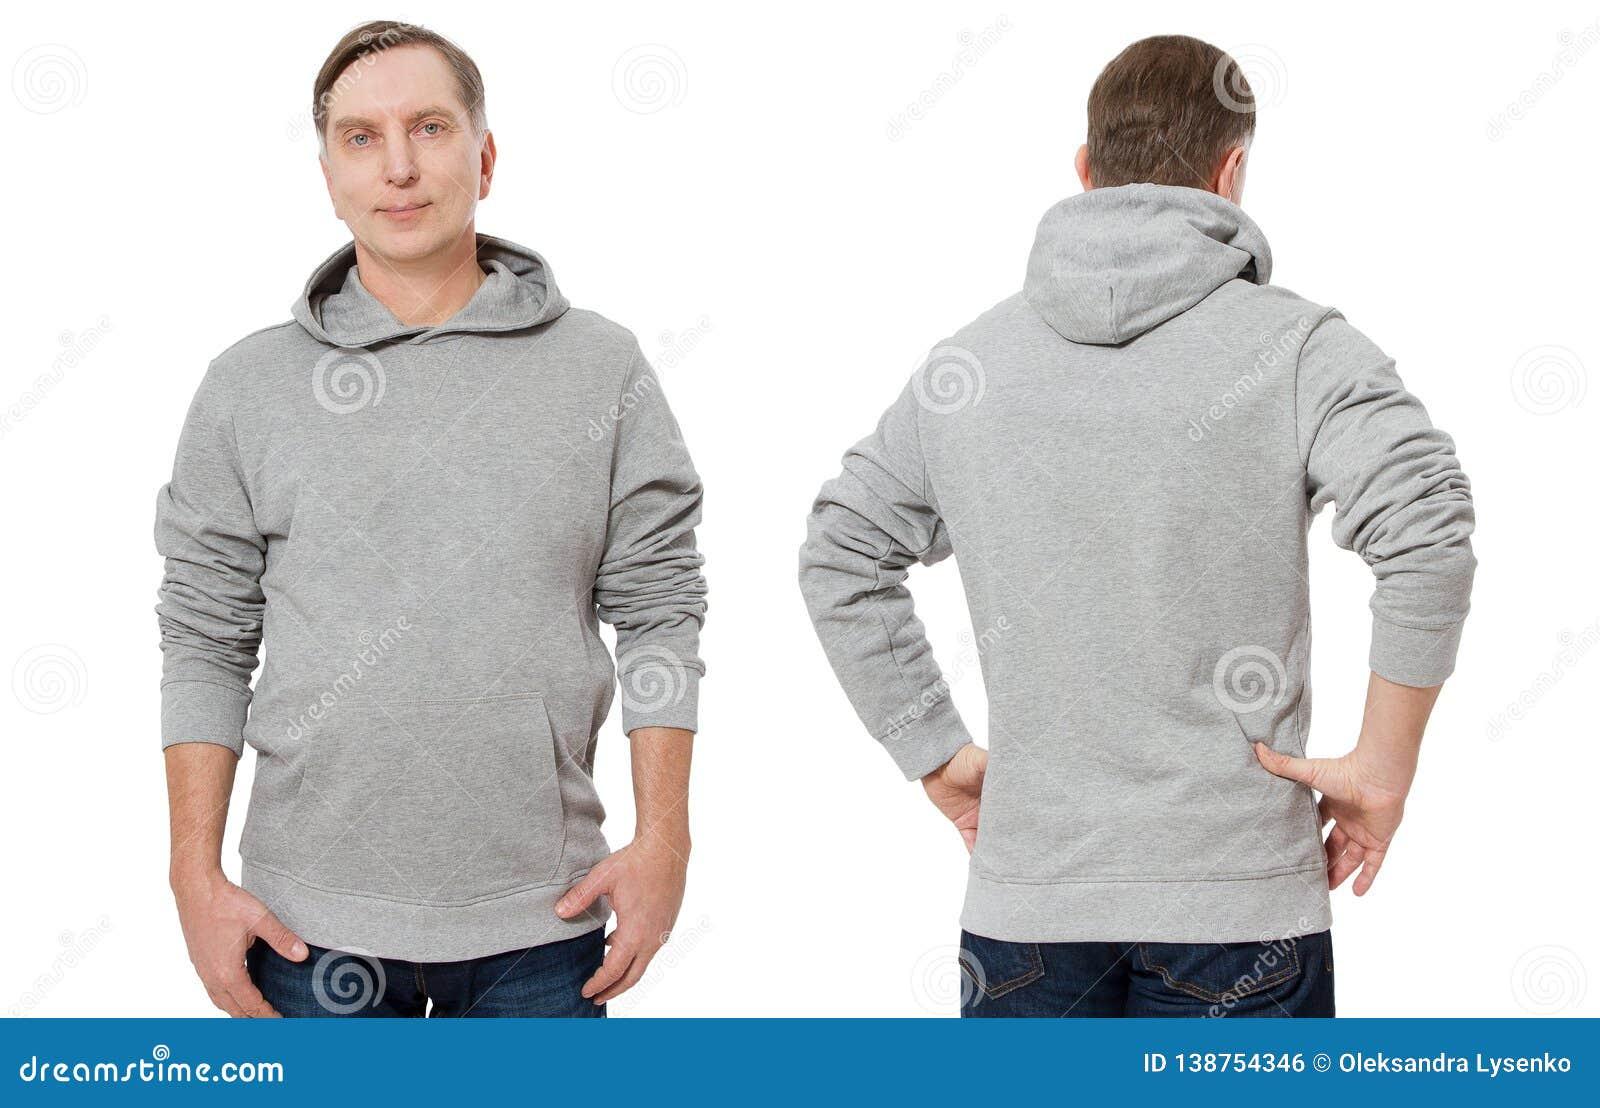 Άτομο Μεσαίωνα πρότυπο μπλουζών που απομονώνεται στο γκρίζο Αρσενικές μπλούζες που τίθενται με το πρότυπο, διάστημα αντιγράφων Μπ